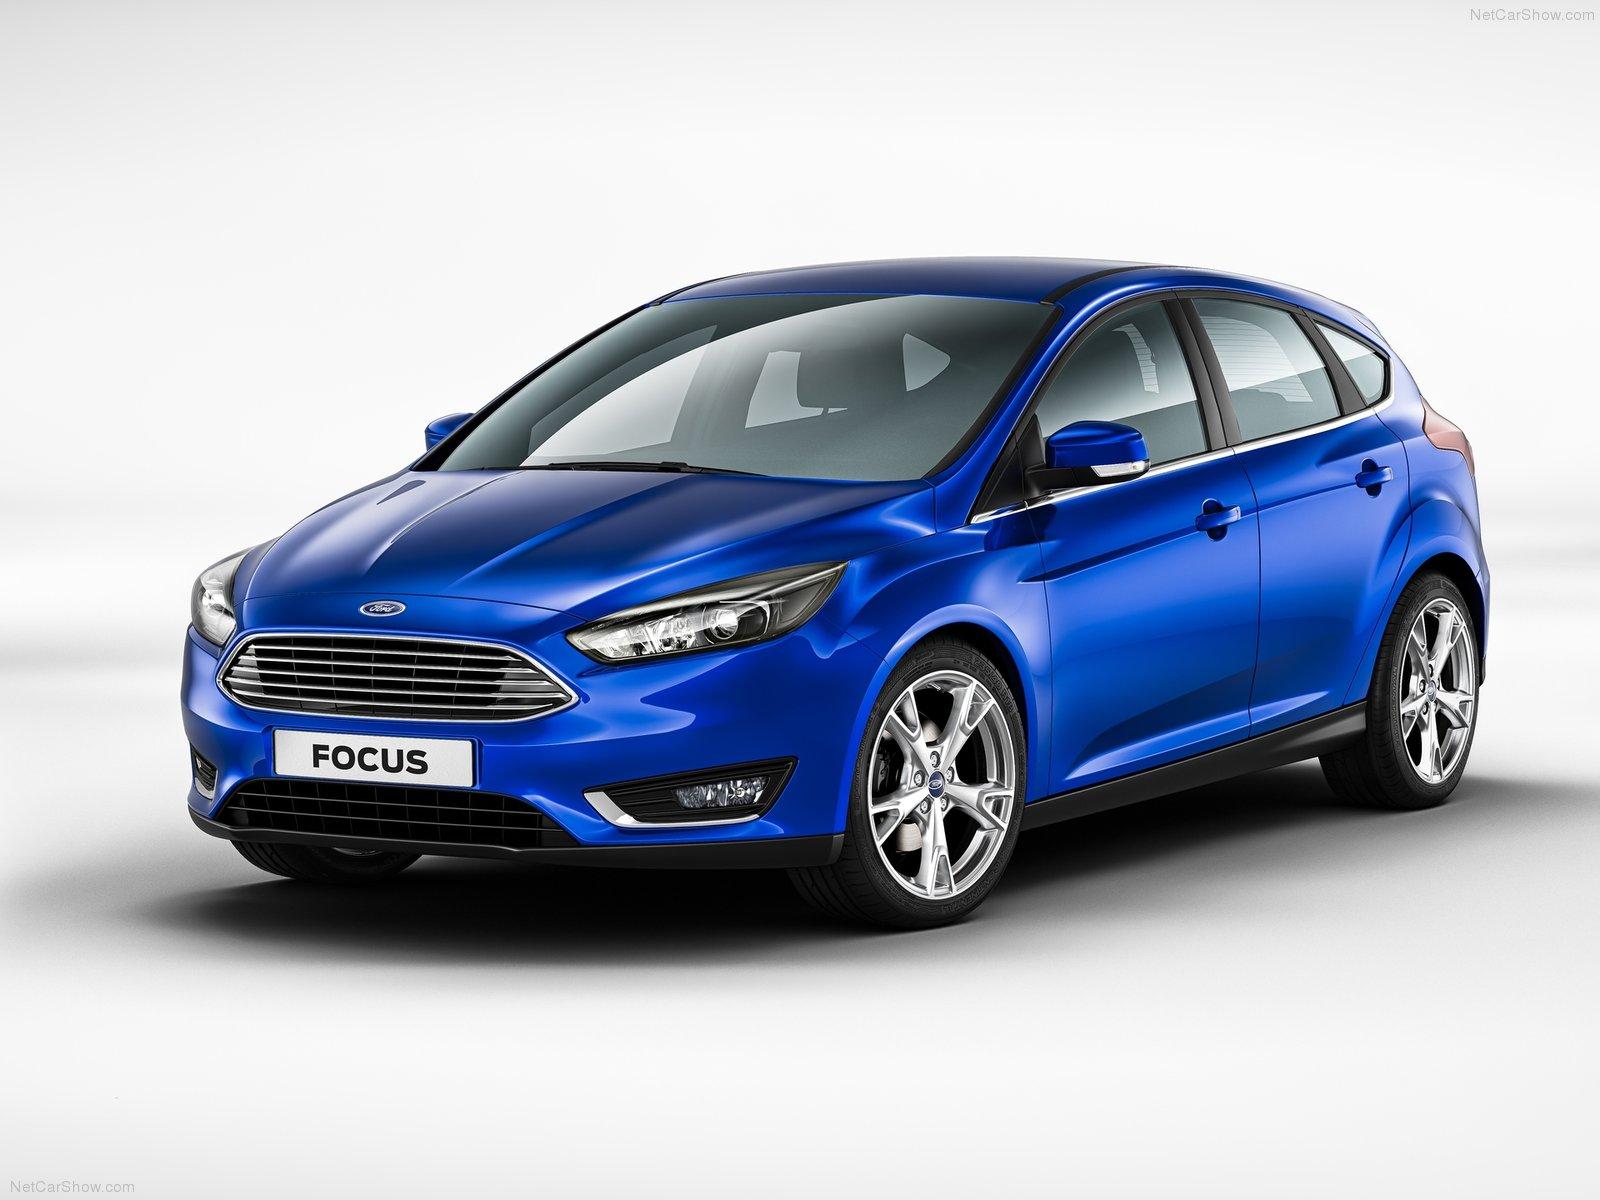 ford focus новый цена